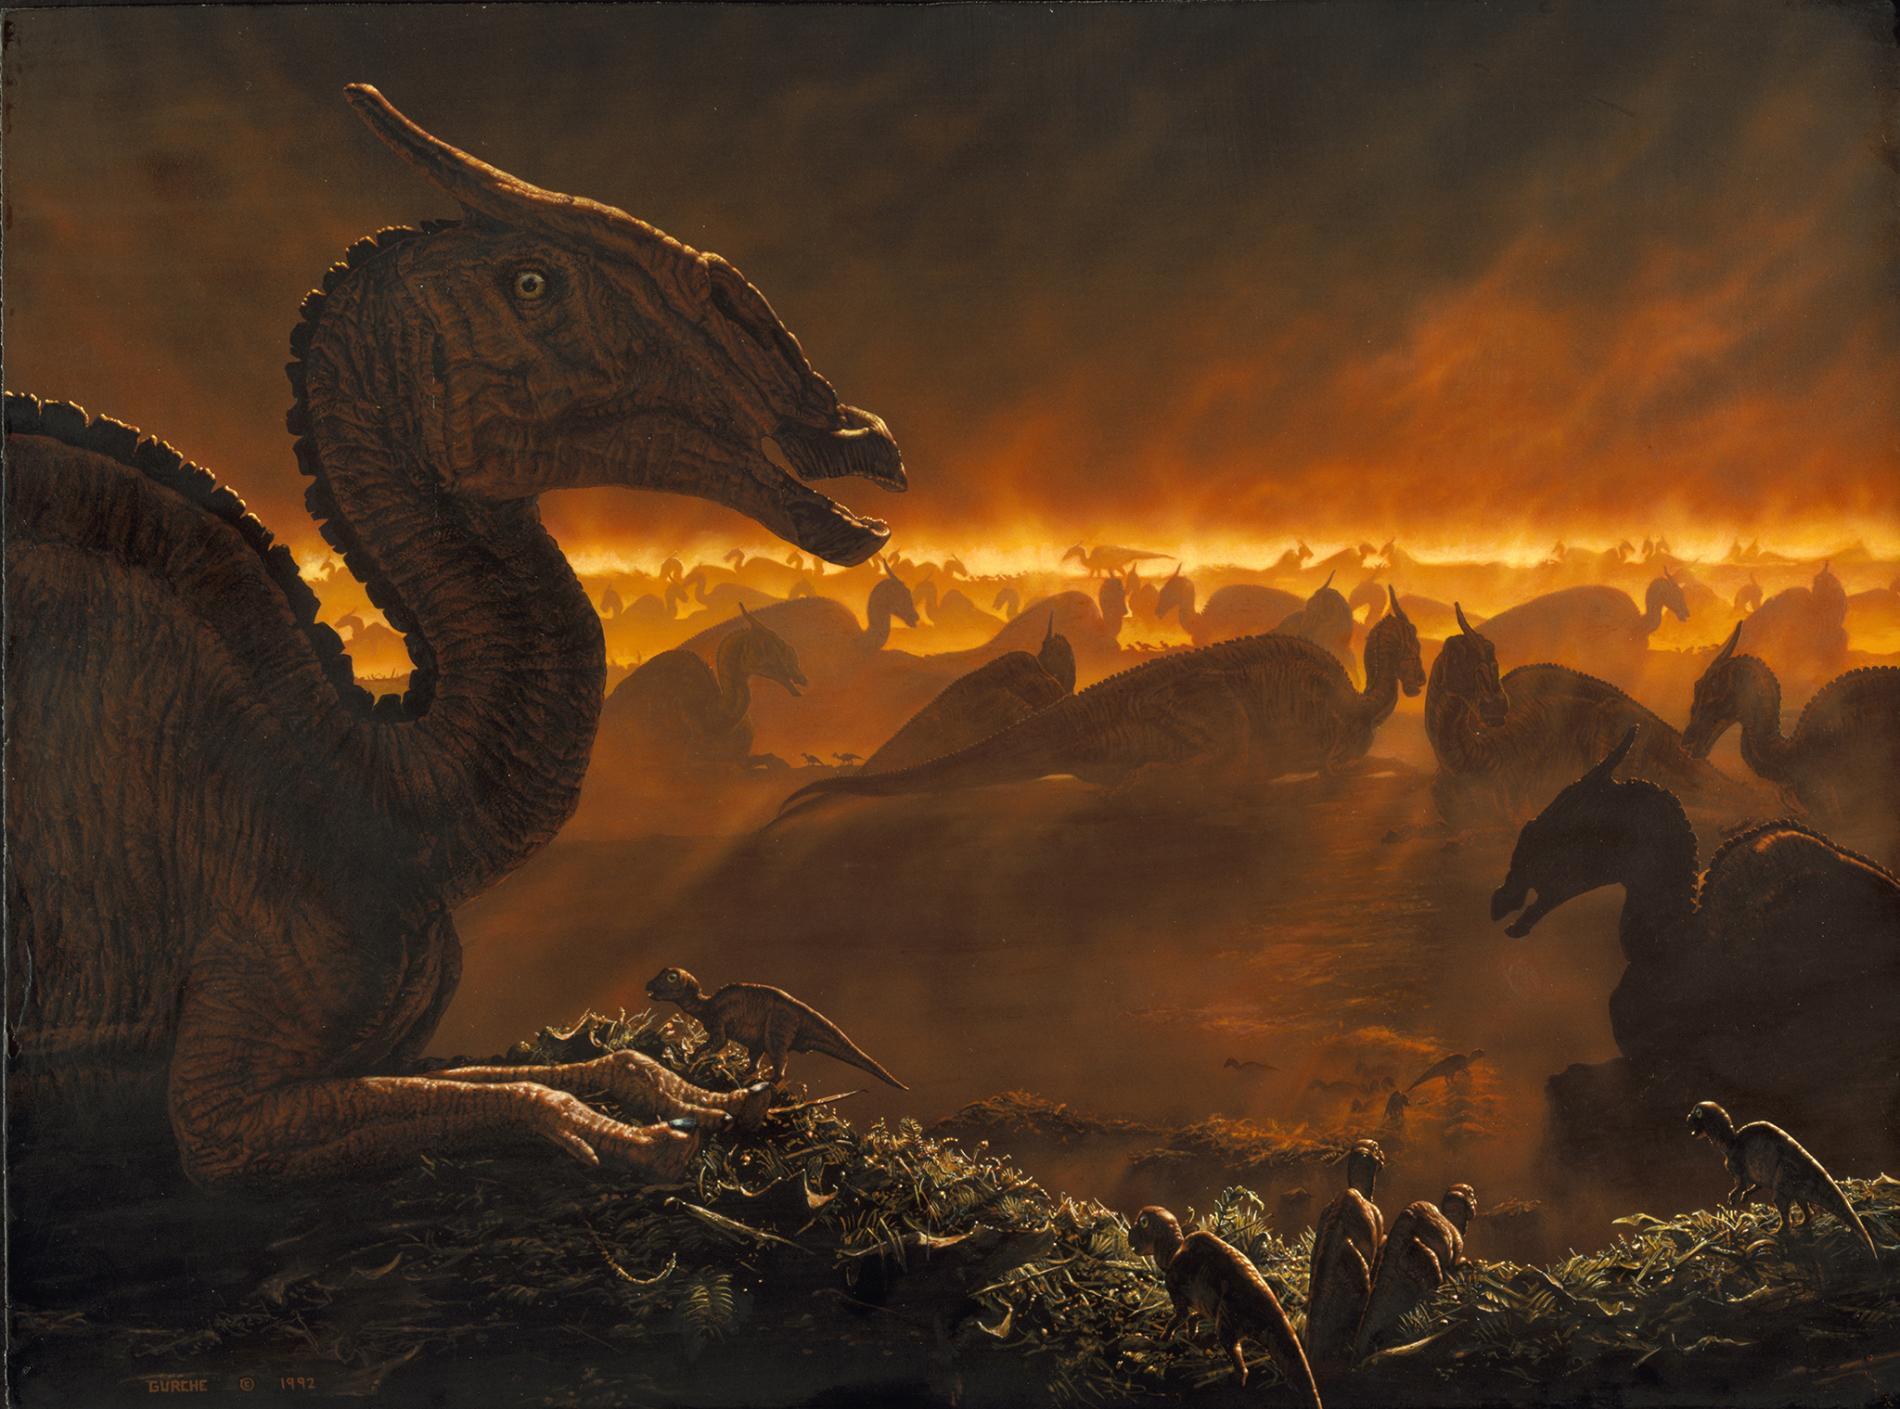 Los volcanes no mataron a los dinosaurios, más bien ayudaron a dar nueva vida